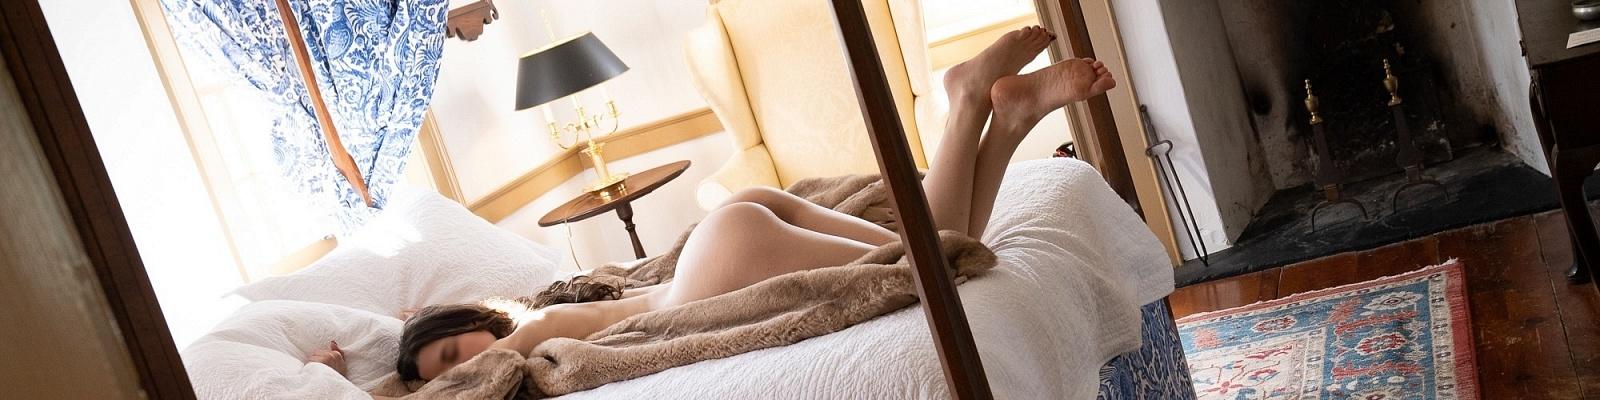 Elisa Nova's Cover Photo